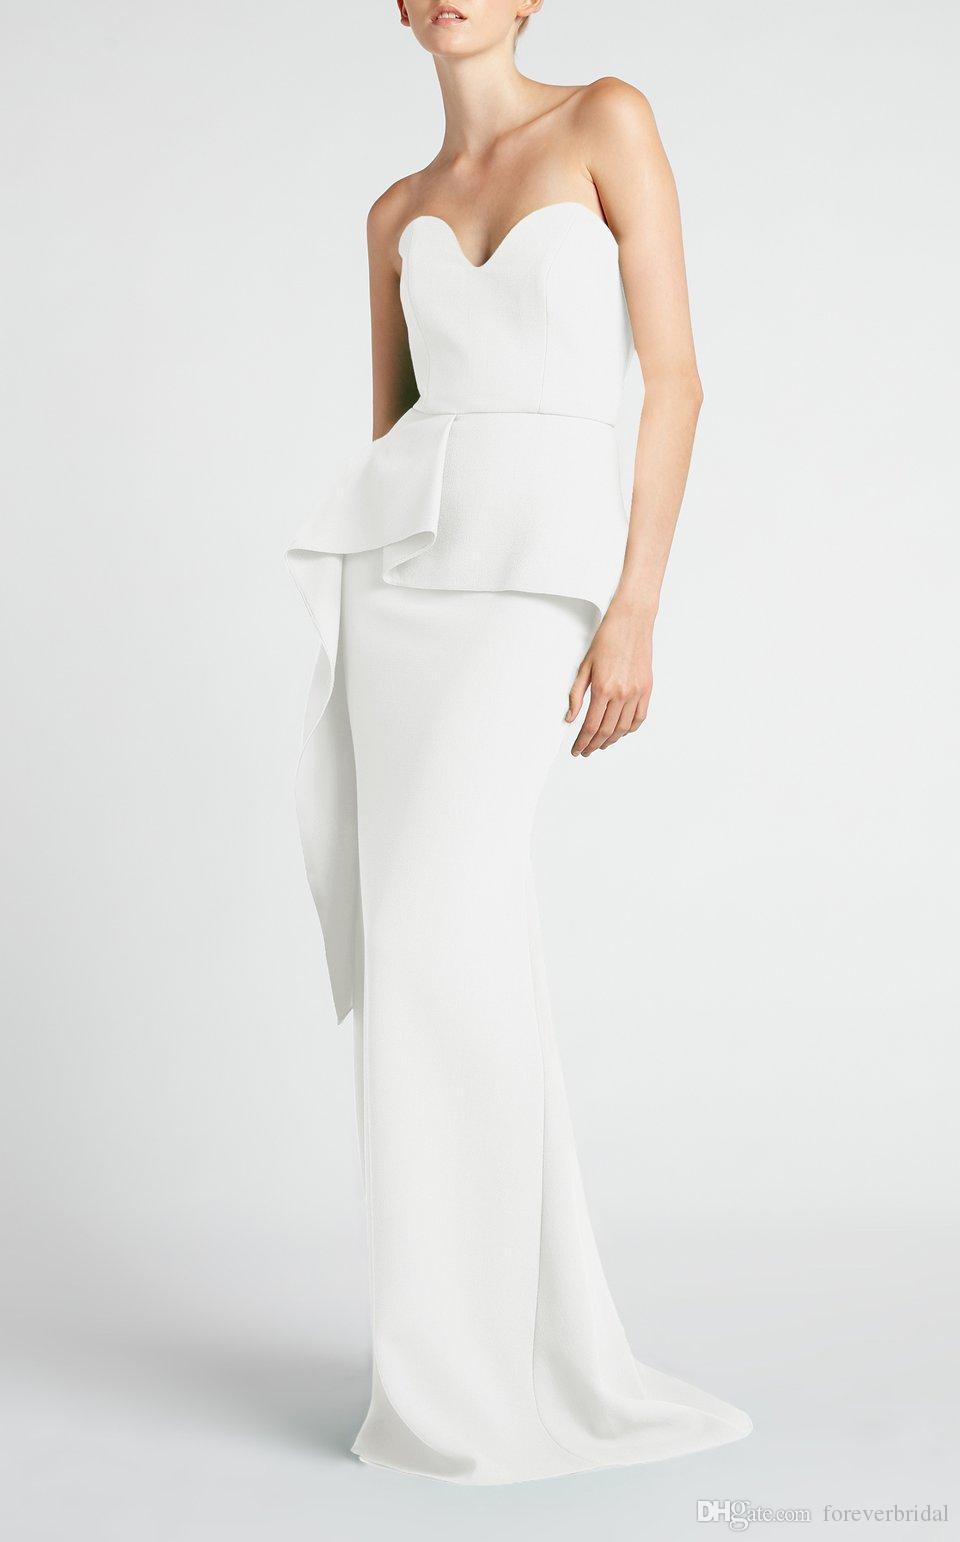 Großhandel Einzigartiges Design Elegante Weiße Abendkleider Liebsten Slim  Fit Mermaid Prom Dresses Bodenlangen Mutter Der Braut Kleider Von